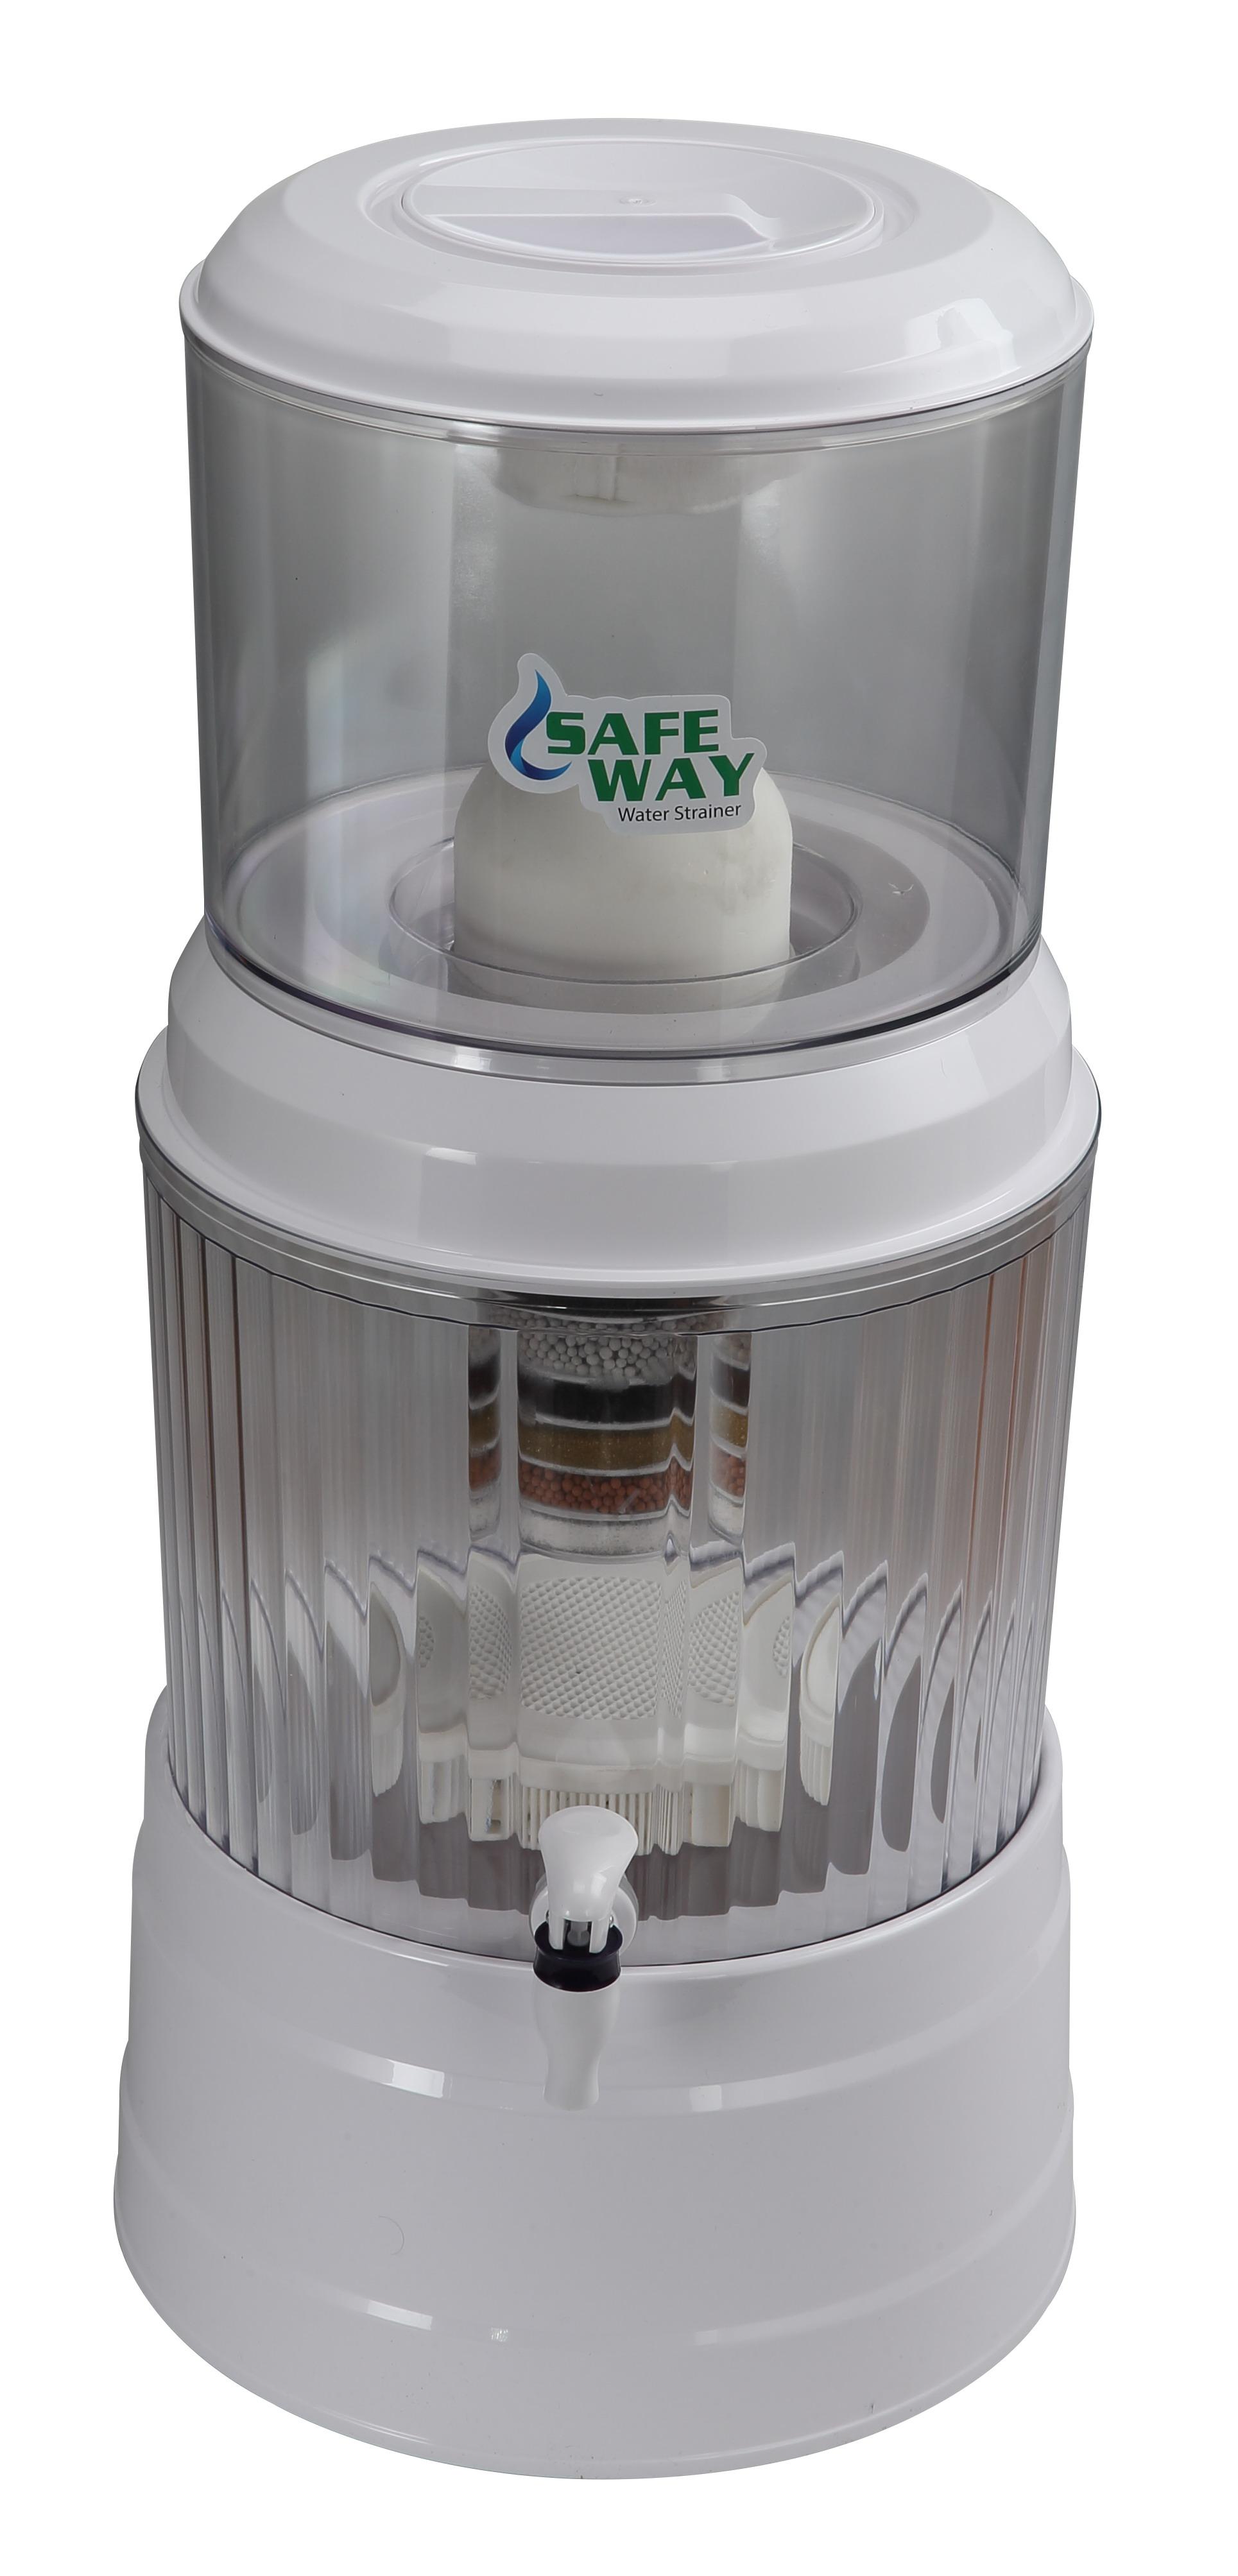 Safe Way Water Filter